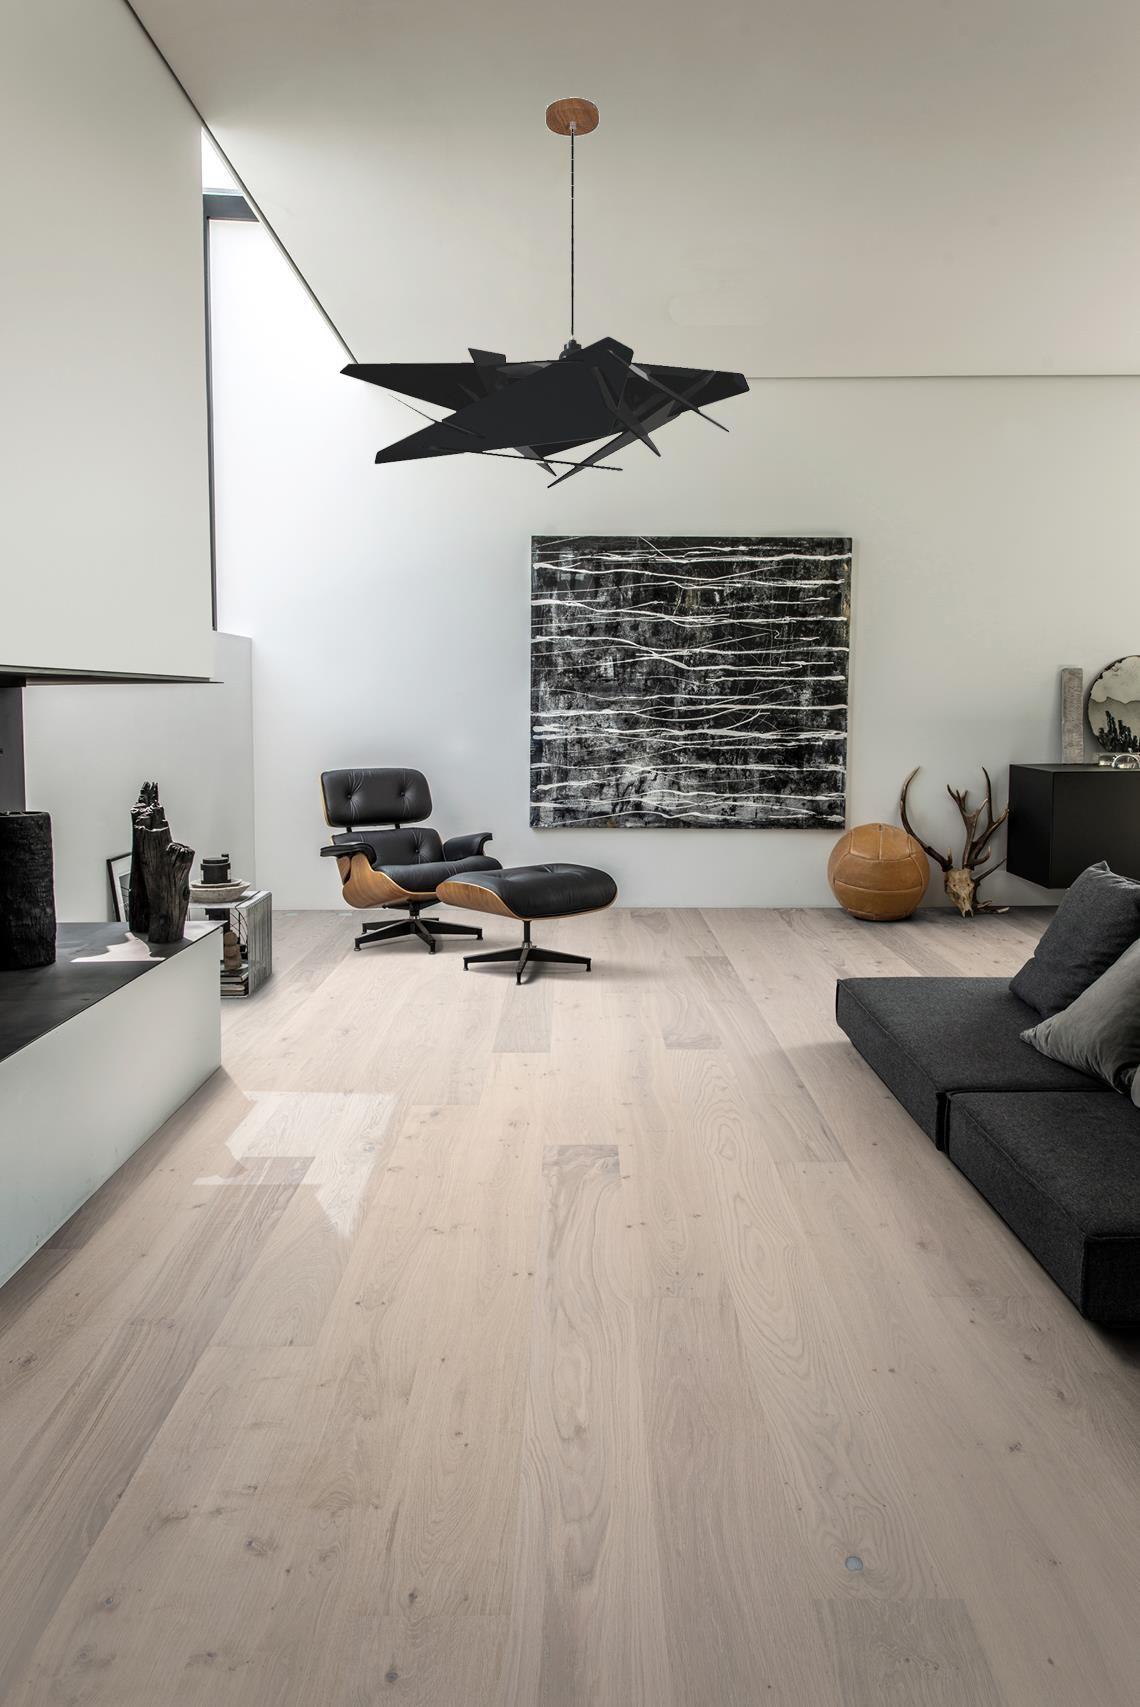 20 Pics Review Light Wood Floor Bedroom Design And Description Wood Floor Design Living Room Wood Living Room Wood Floor